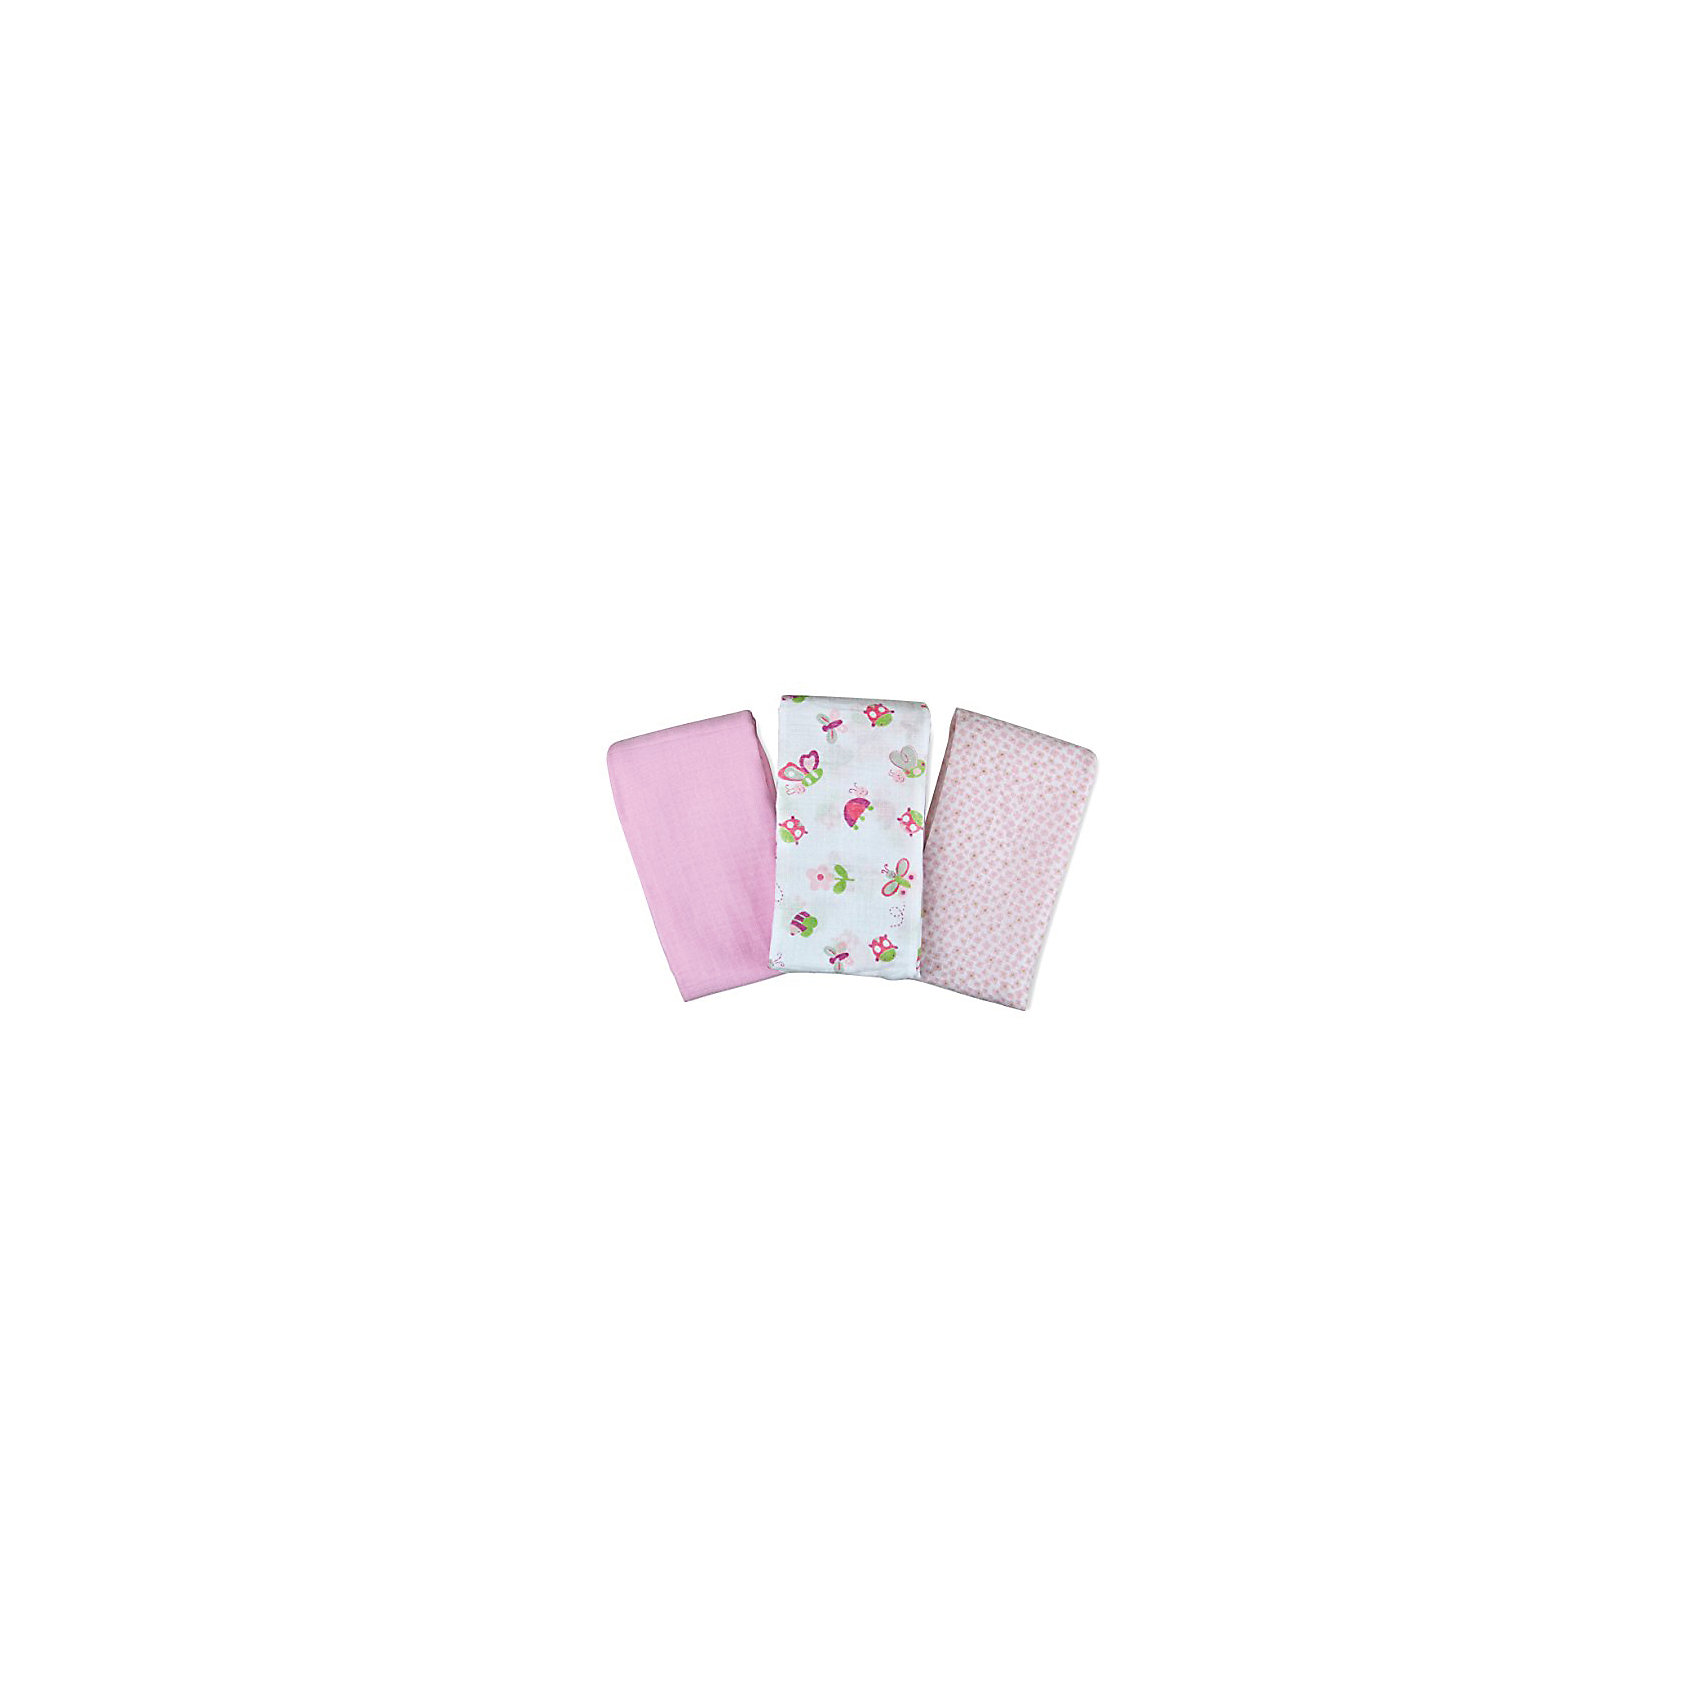 Набор пеленок Muslin Swaddleme, 3 шт.,Summer Infant, розовый/бабочкиНежное натуральное волокно пеленок обеспечивает свободное движение воздуха и мягкость при соприкосновении с кожей малыша.<br><br>Это универсальные пеленки, их можно использовать не только как пеленки, но и как летнее одеяло, простынь, покрытие для пеленального столика дома и в мед. учреждениях, как ткань при срыгивание, навес для коляски и как комплект для конверта на выписку.<br><br>Мягкие и дышащие <br>Веселые расцветки для детей<br>Состав: 100% муслин (тонкотканный хлопок)<br>Размер 102х102 см<br><br>Ширина мм: 205<br>Глубина мм: 320<br>Высота мм: 40<br>Вес г: 430<br>Возраст от месяцев: 0<br>Возраст до месяцев: 3<br>Пол: Женский<br>Возраст: Детский<br>SKU: 5508007